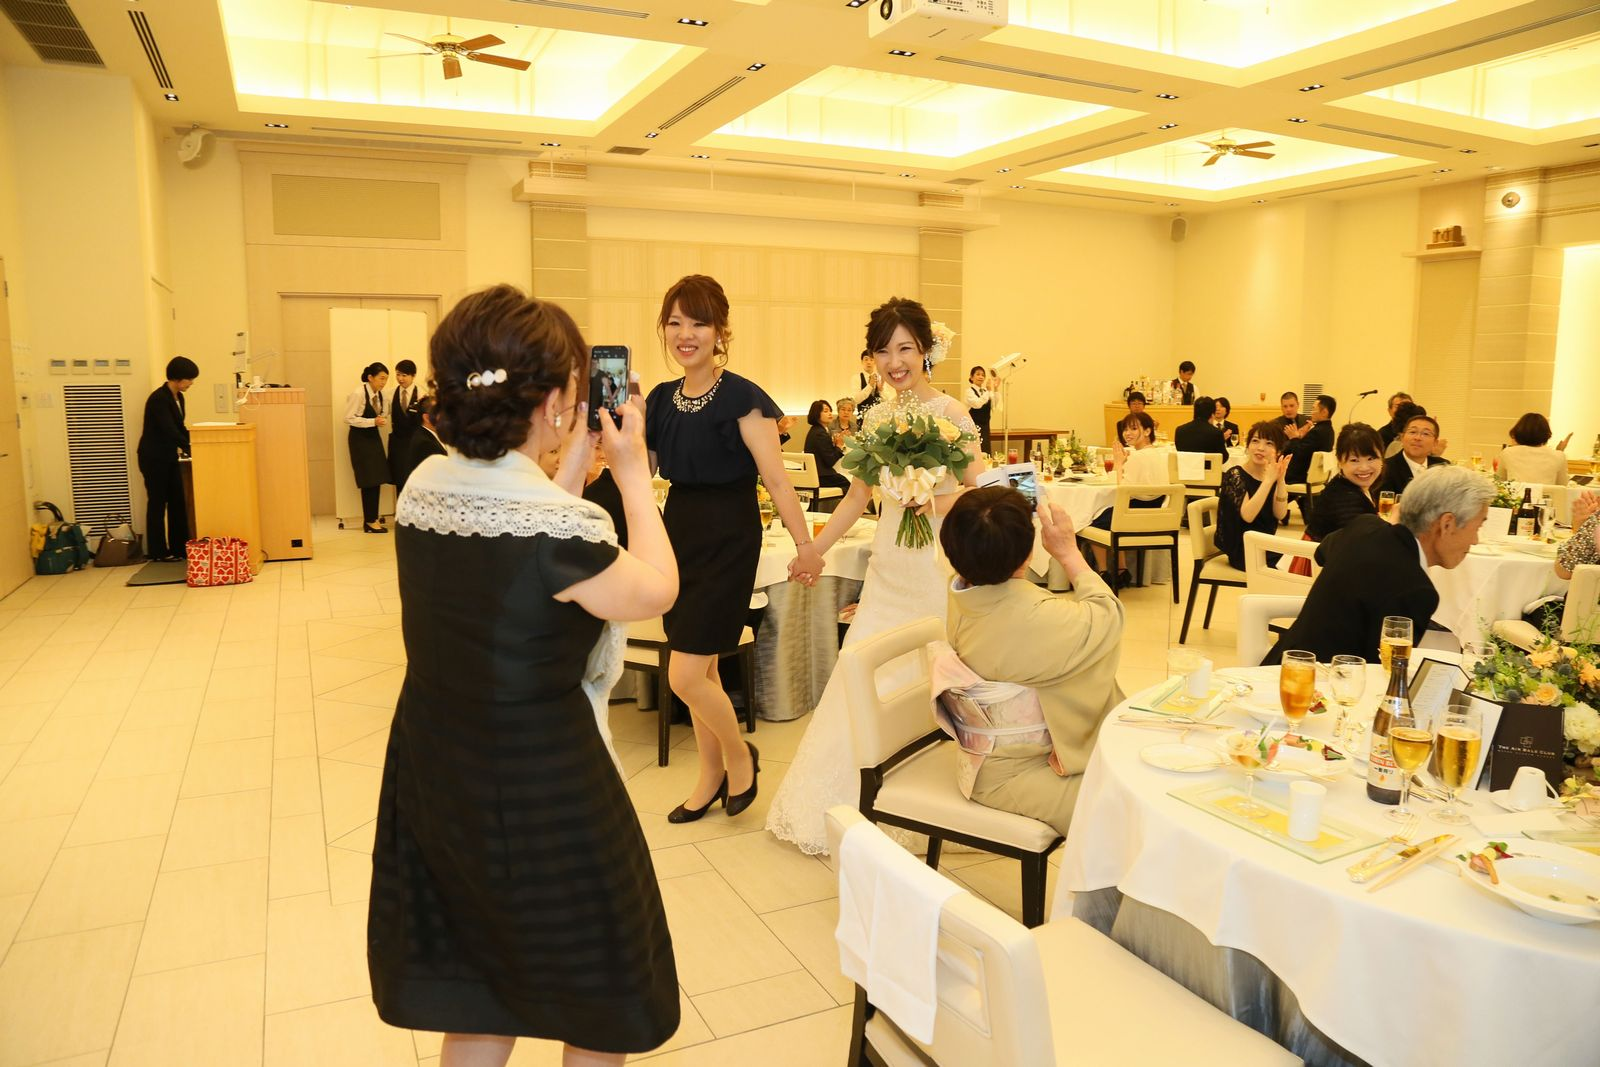 高松市の結婚式場アイルバレクラブの披露宴 新婦様、お色直しのためにご退場